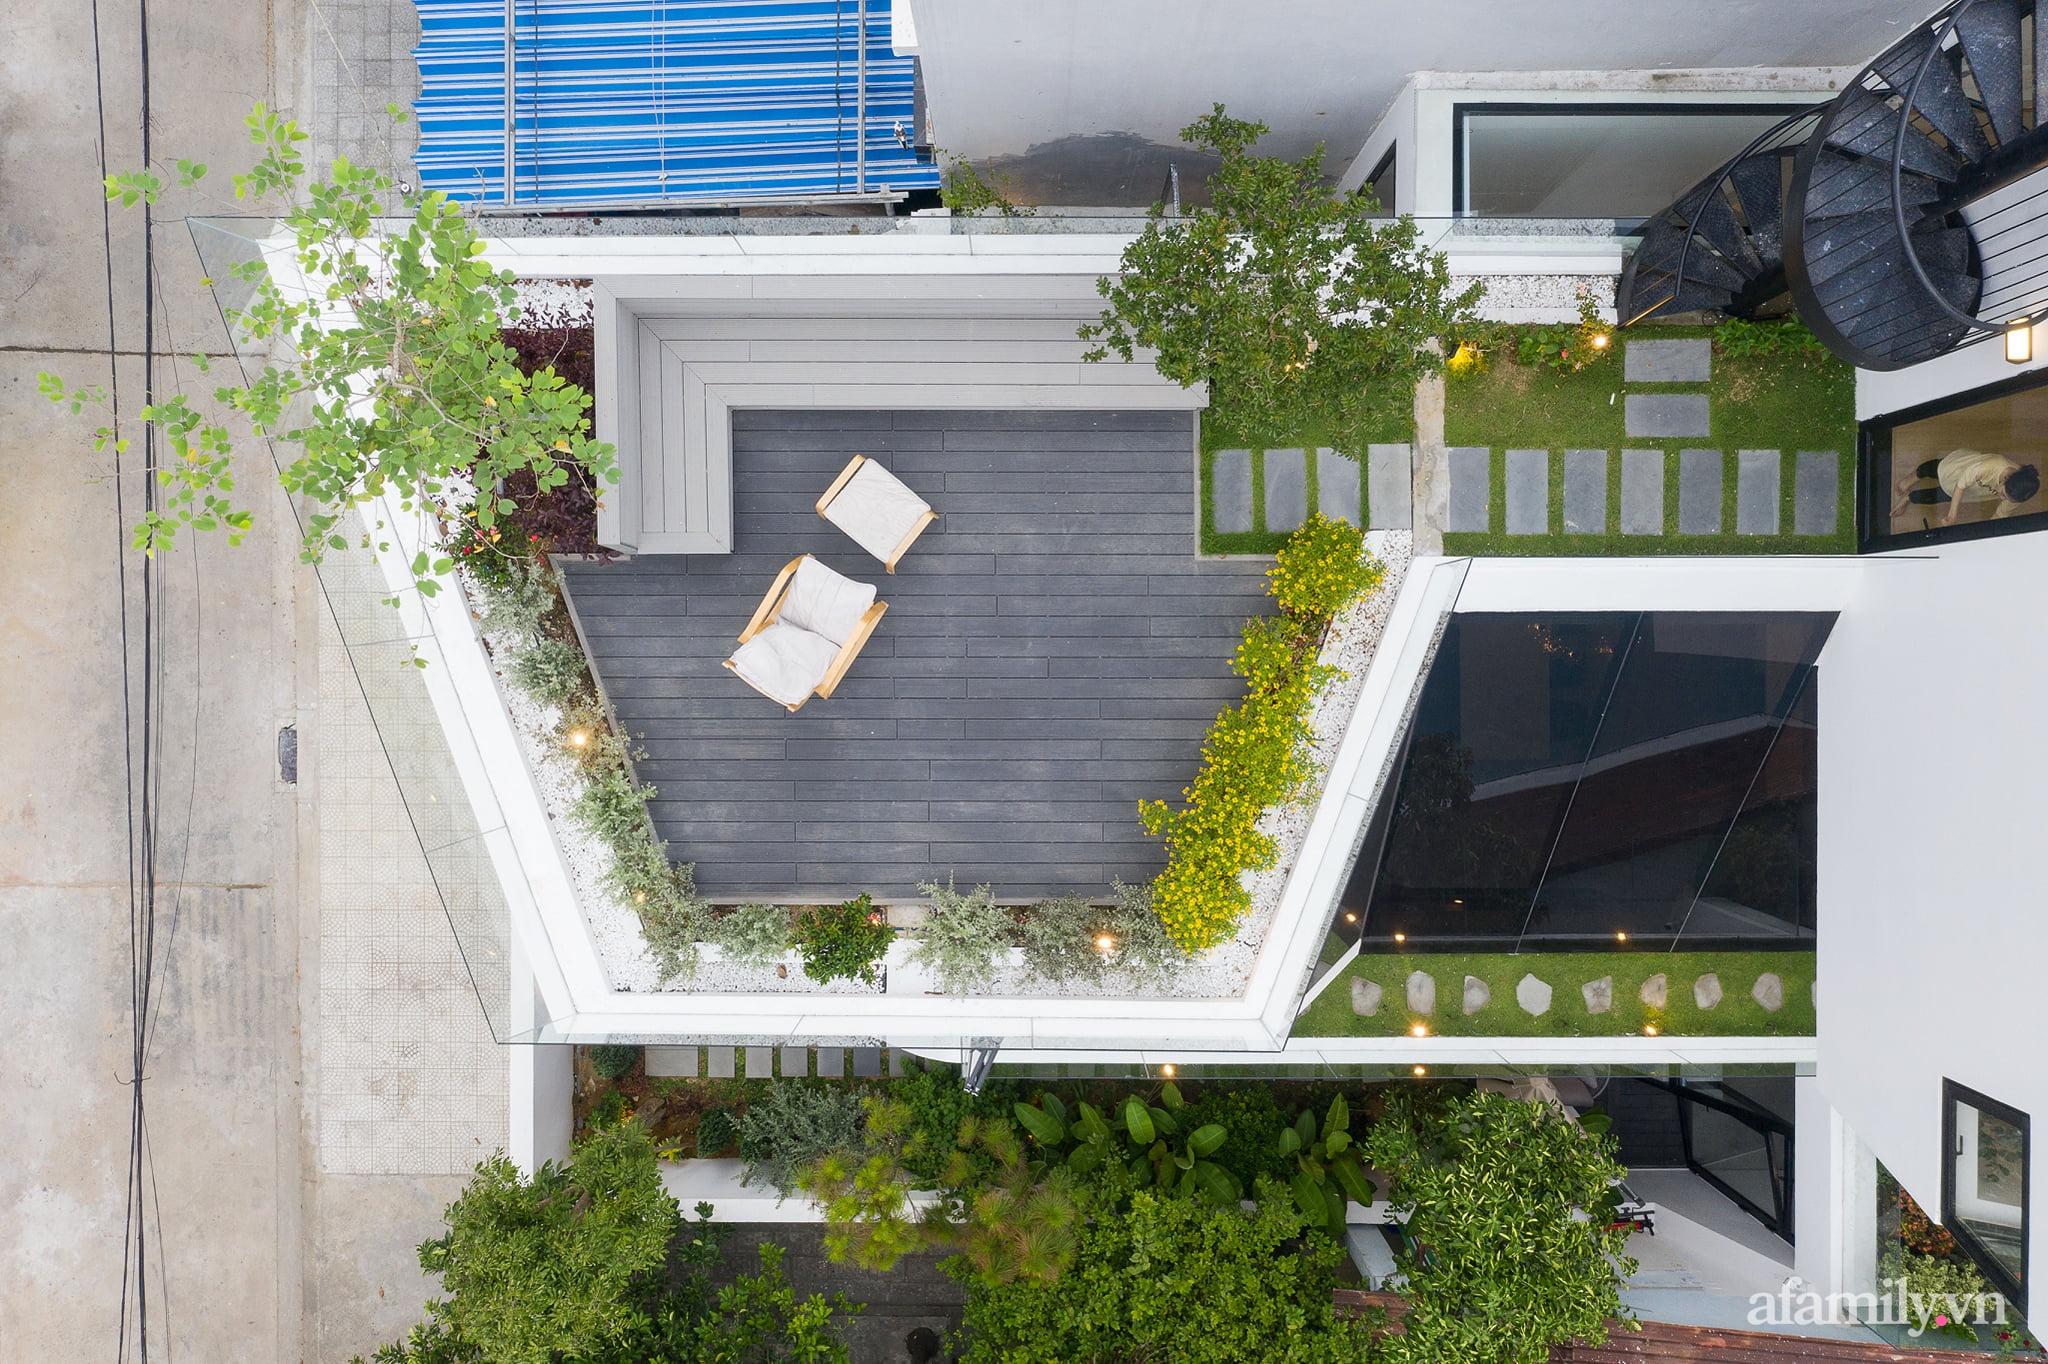 Nhà phố độc lạ được thiết kế lấy cảm hứng từ phi thuyền ở Đà Nẵng - Ảnh 28.